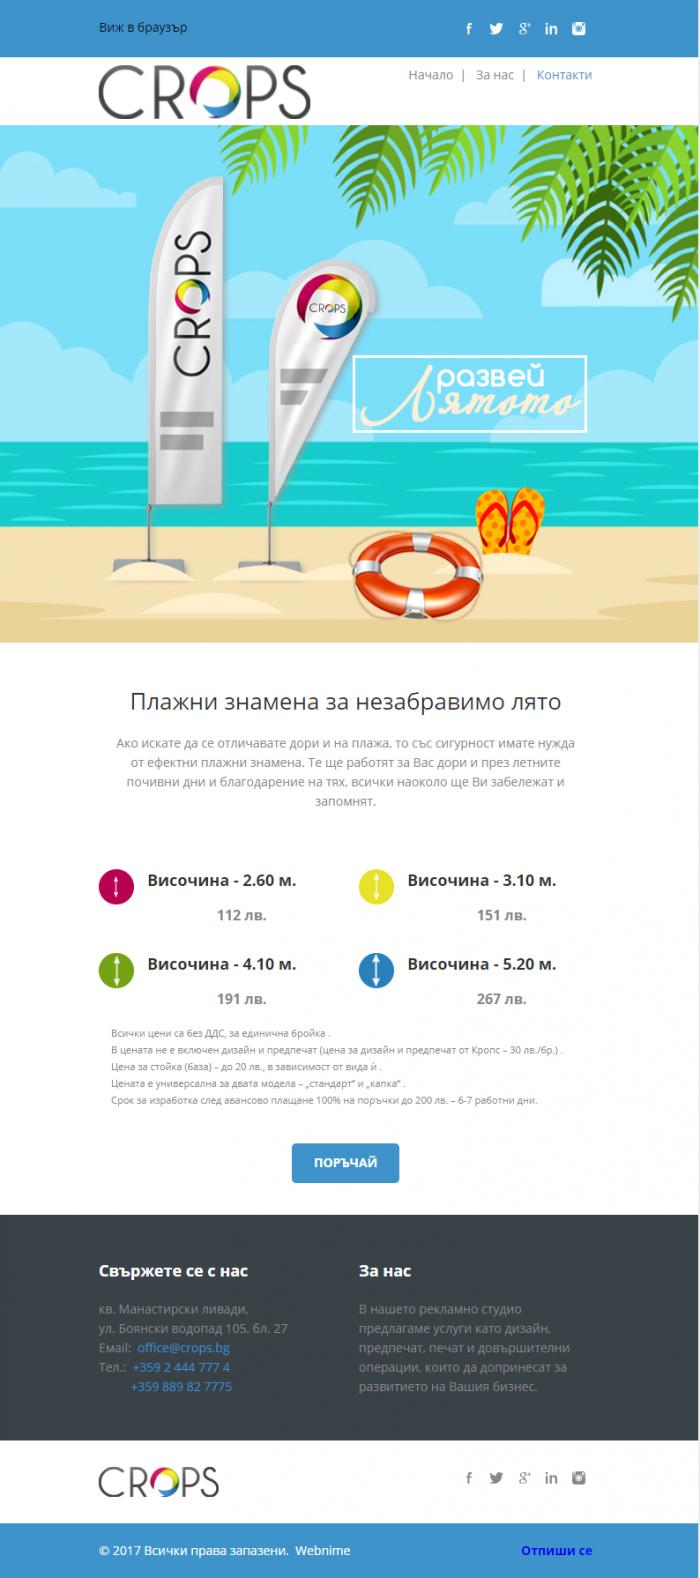 Имейл маркетинг - развей лятото, https://webnime.com/